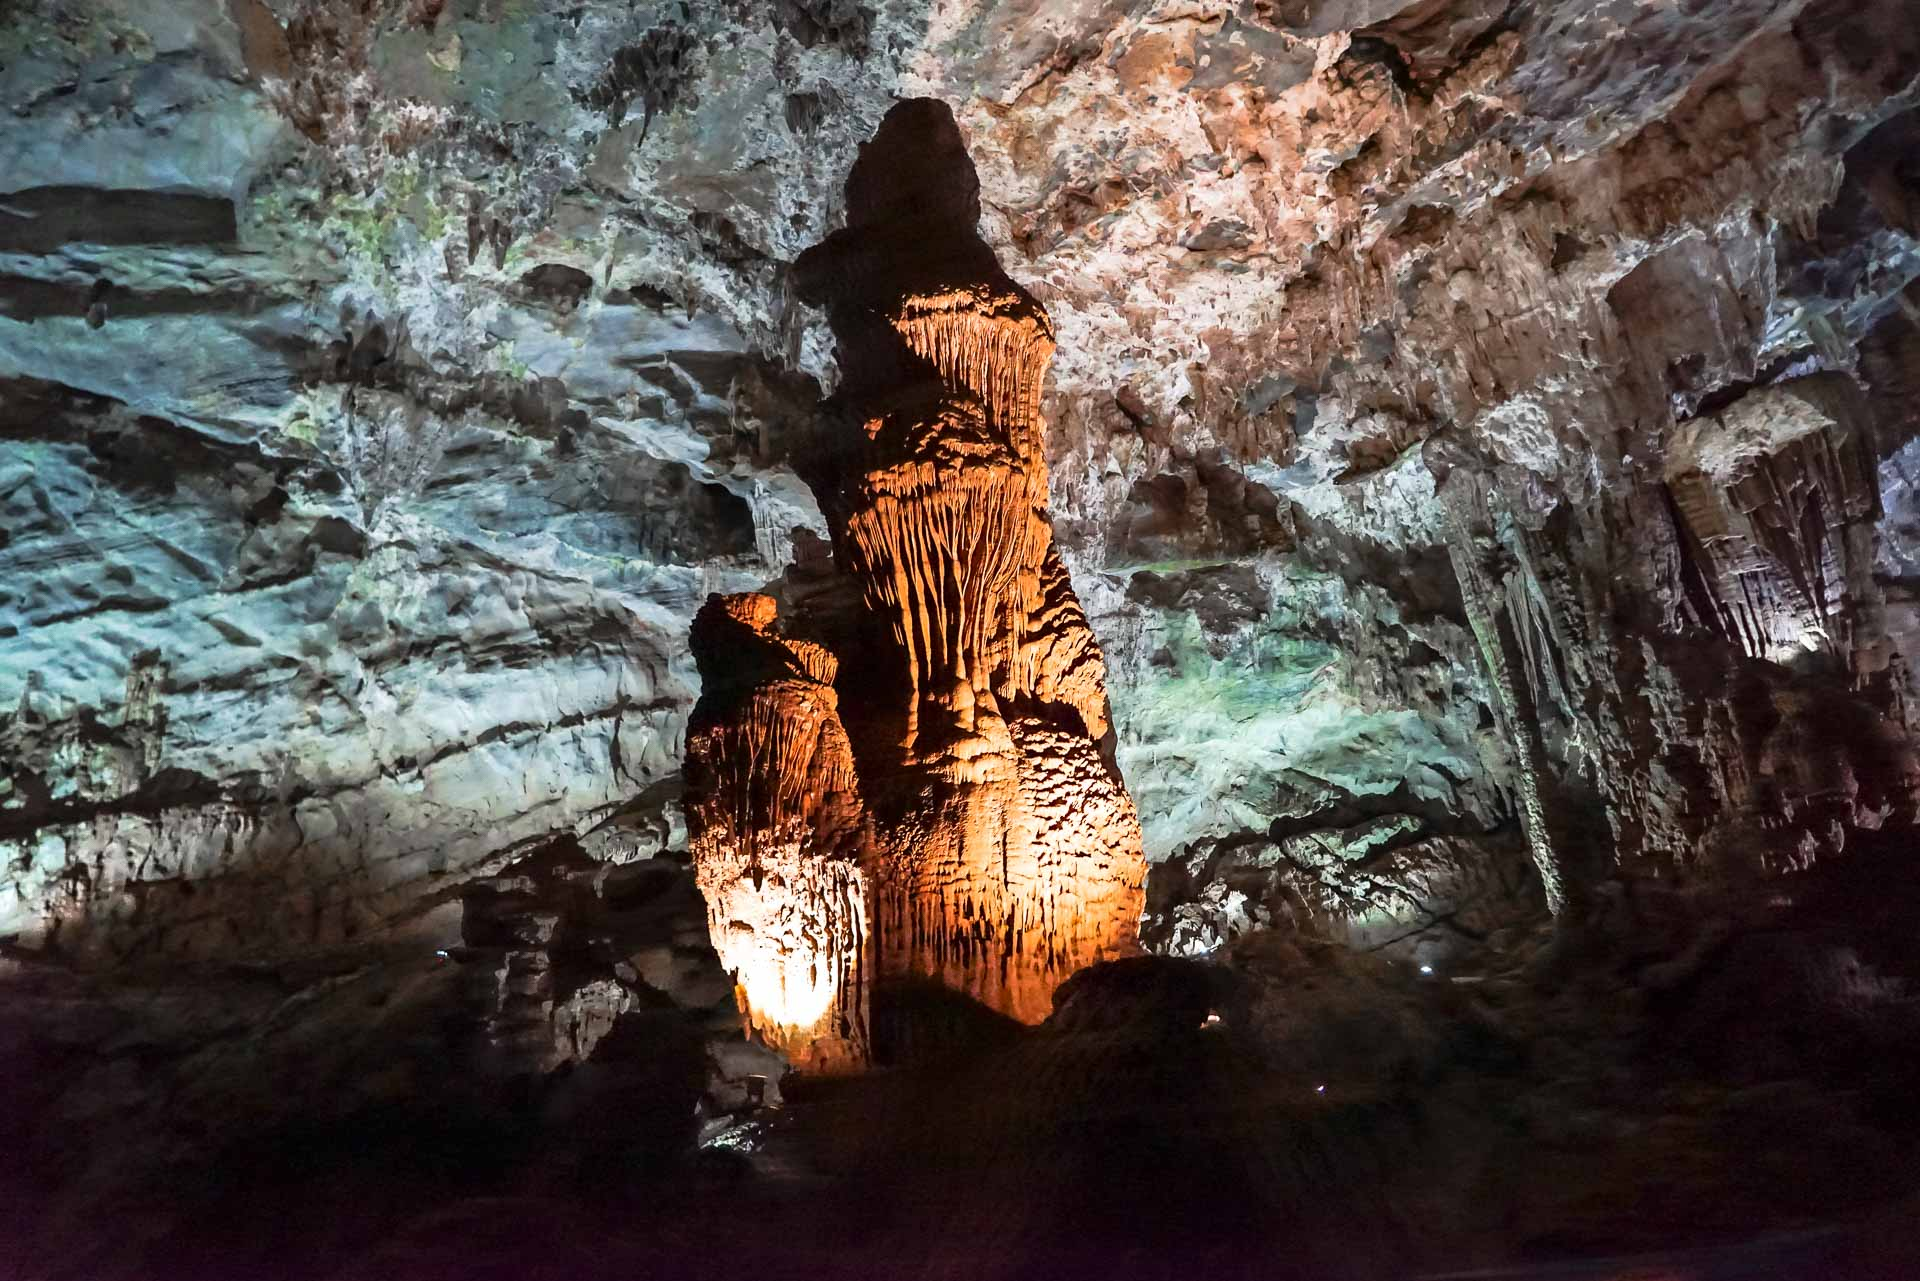 LesVoyageuses-Vietnam-Phong-Nha-Caves-Nature-48